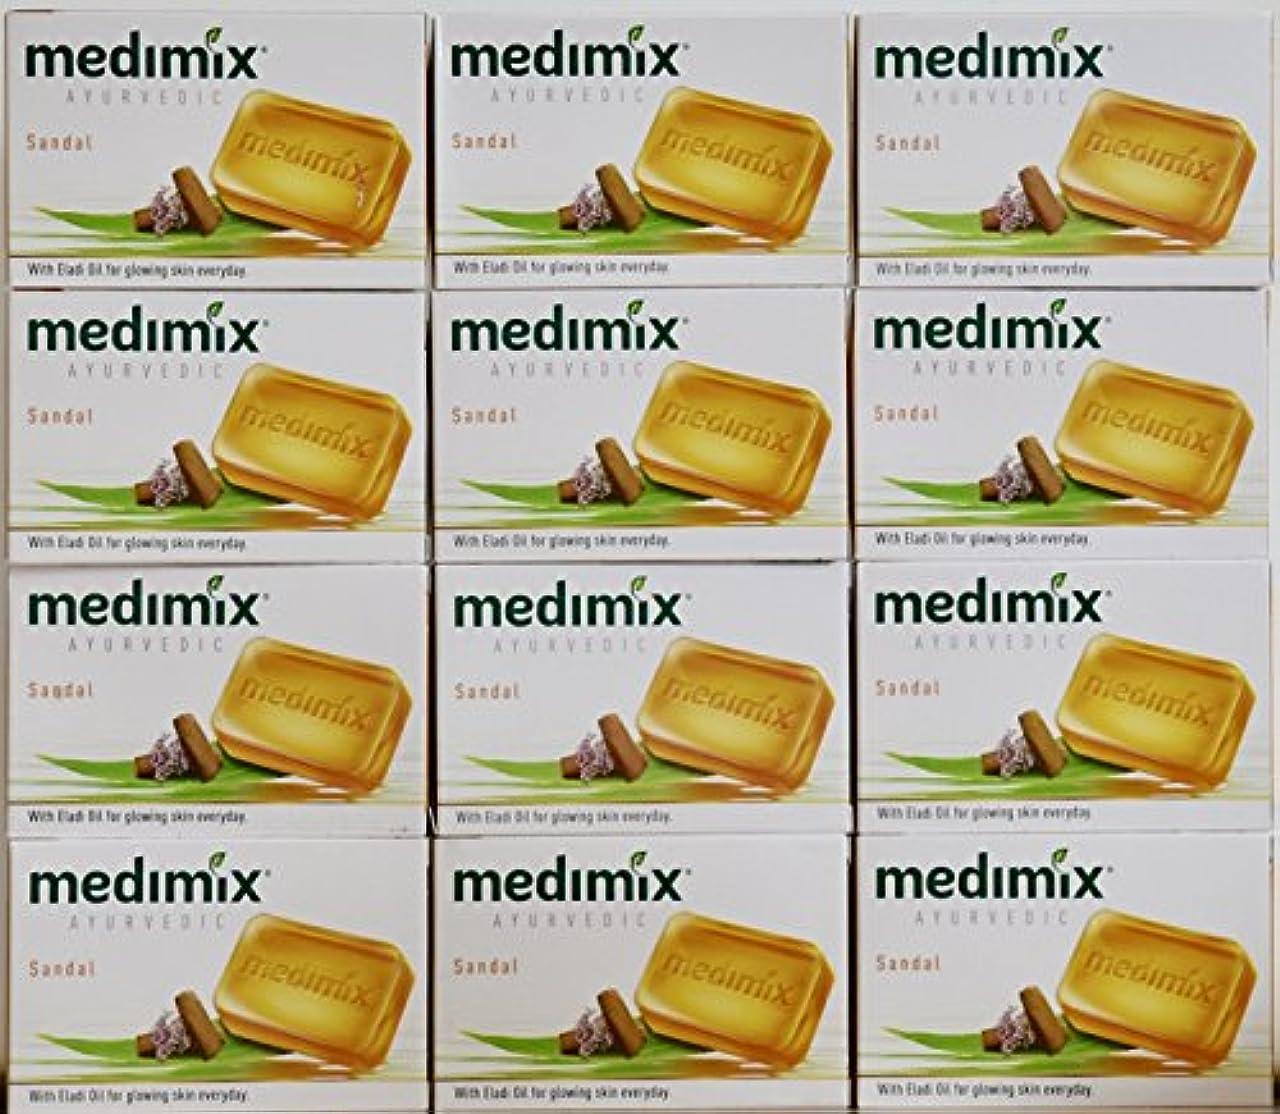 のためソケット先例medimix メディミックス アーユルヴェディックサンダル 石鹸(旧商品名クラシックオレンジ))125g 12個入り